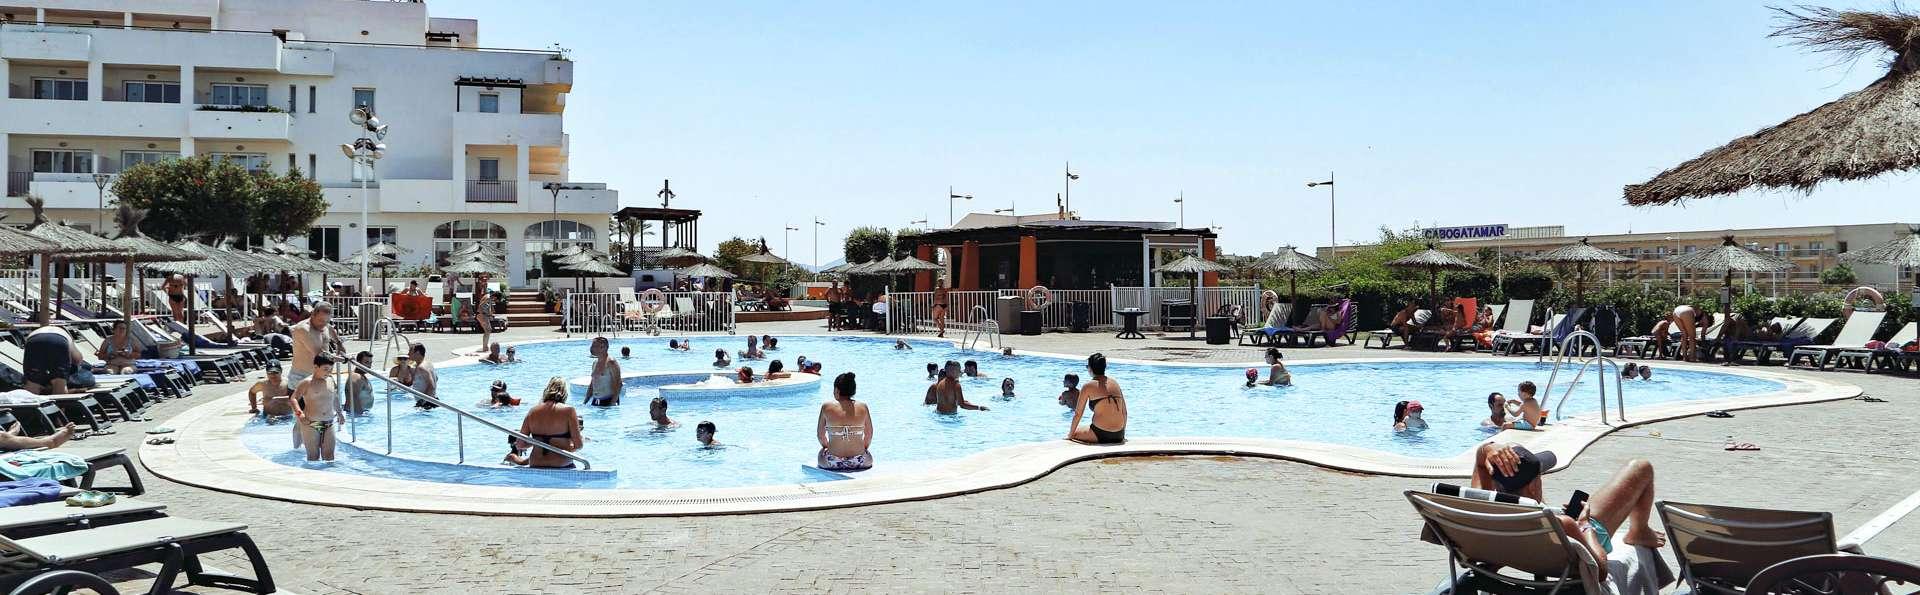 Découvrez Cabo de Gata, près de la mer avec accès au spa et 1 enfant gratuit